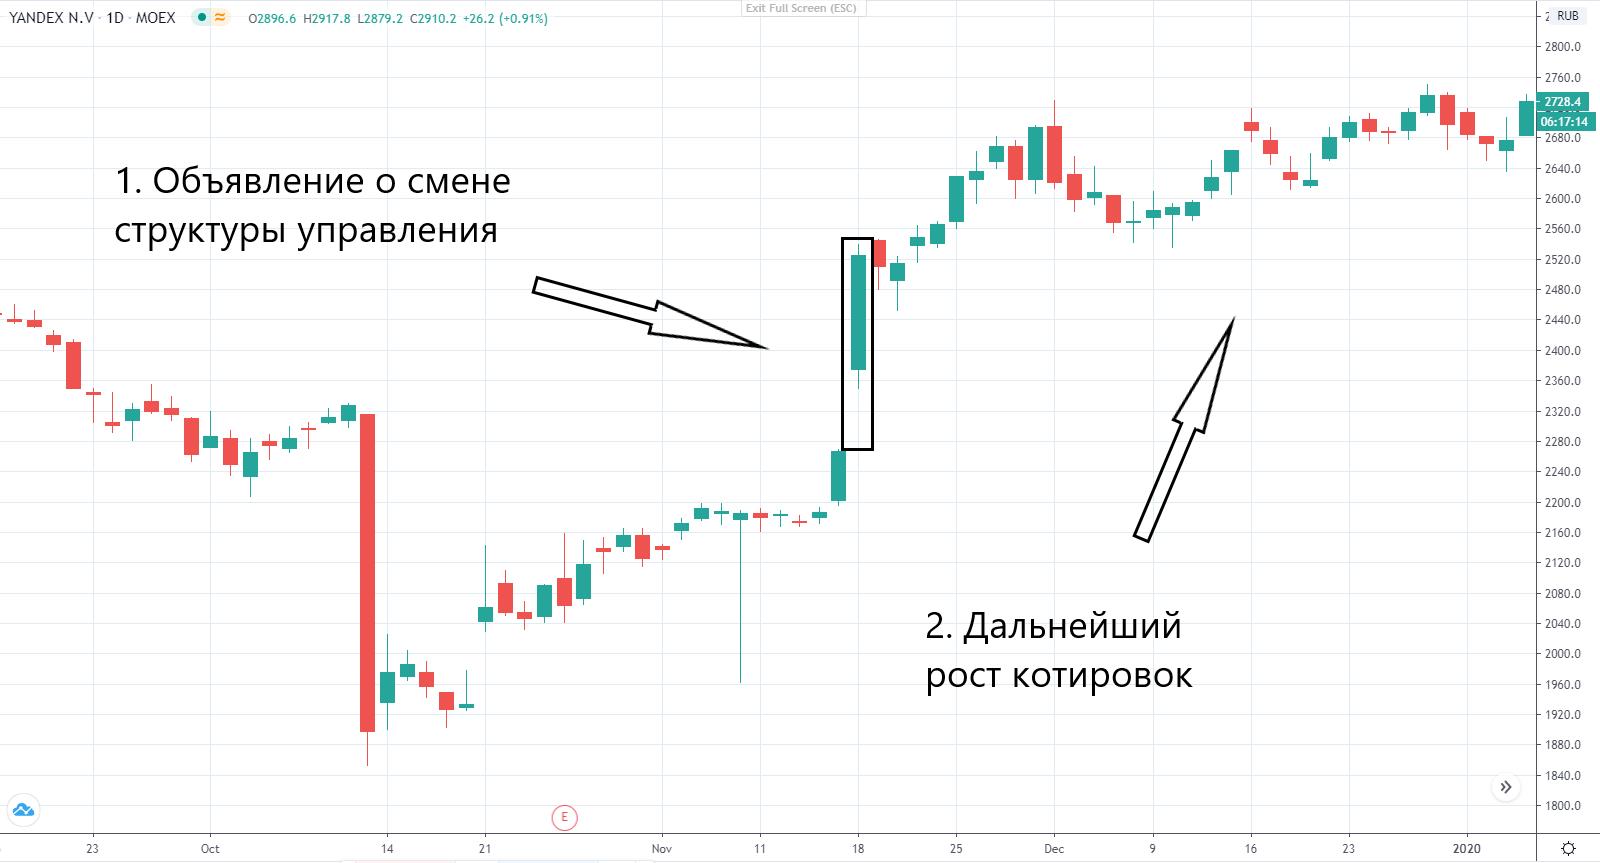 Фундаментальный анализ рынка акций